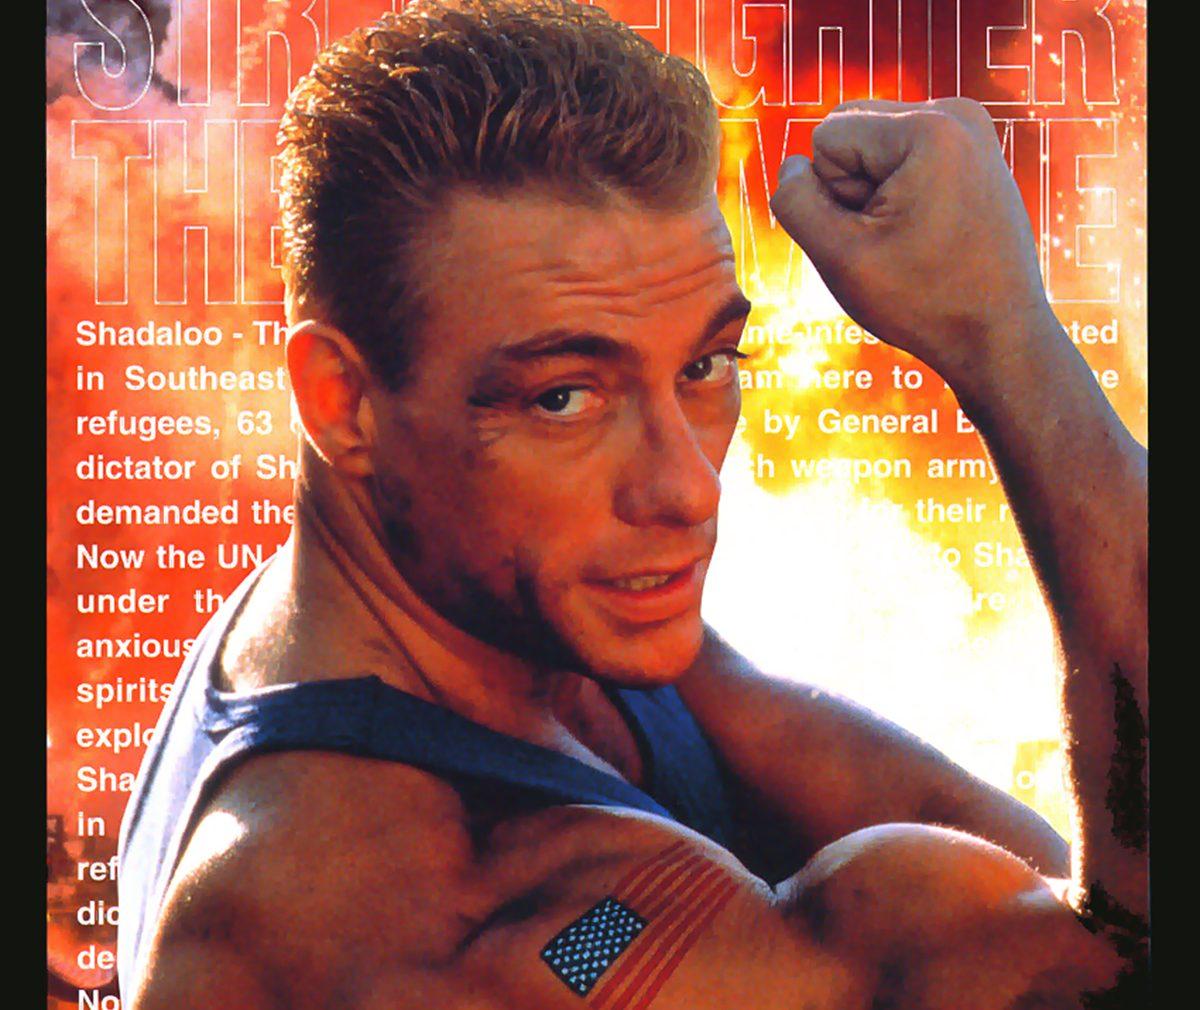 MV5BNzZjZWY1OTEtMTRiNS00ZDI4LWE3NGMtYmExOGMyNTc1ODg1XkEyXkFqcGdeQXVyNDc2NjEyMw@@. V1 e1615285034893 20 Things You Might Not Have Realised About The 1994 Street Fighter Movie